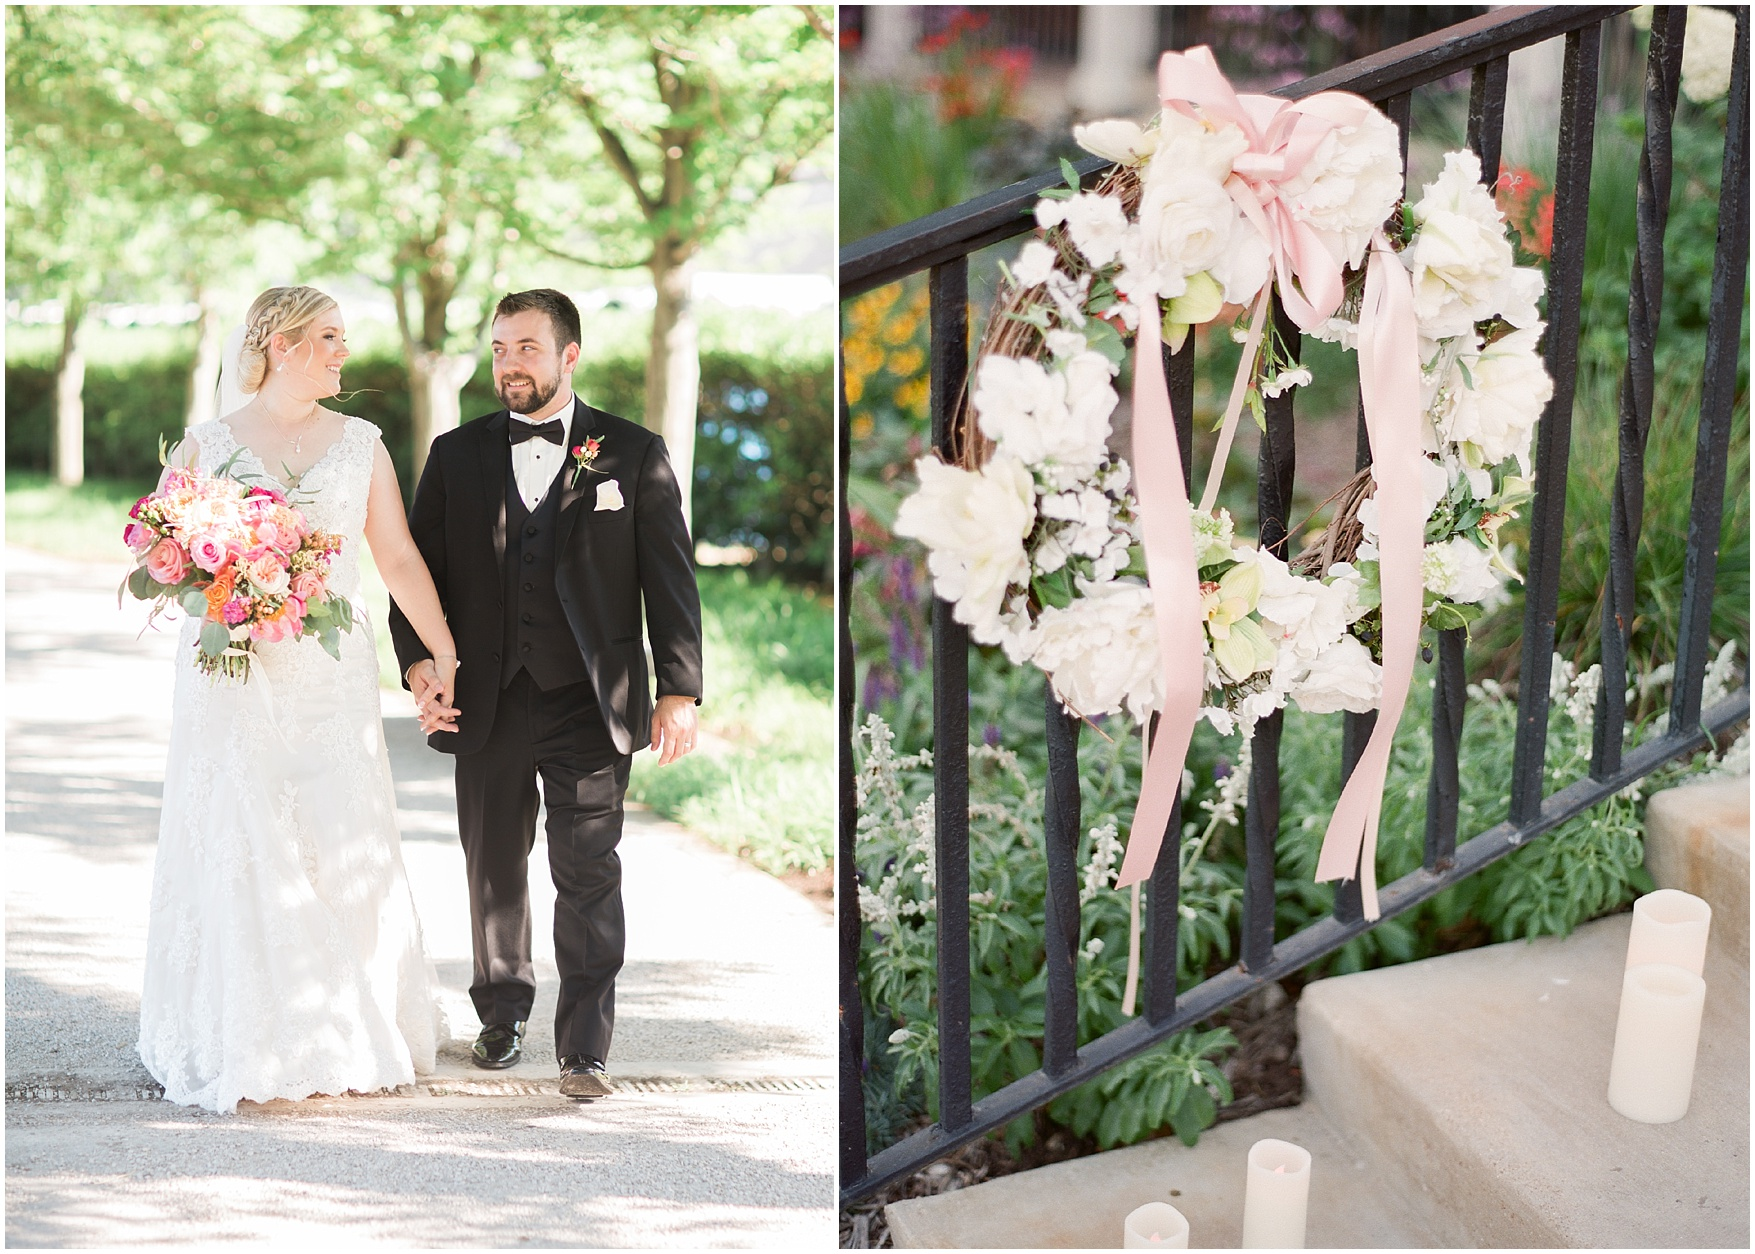 wedding photography st louis_lauren muckler photography_film photographer_film wedding_0176.jpg